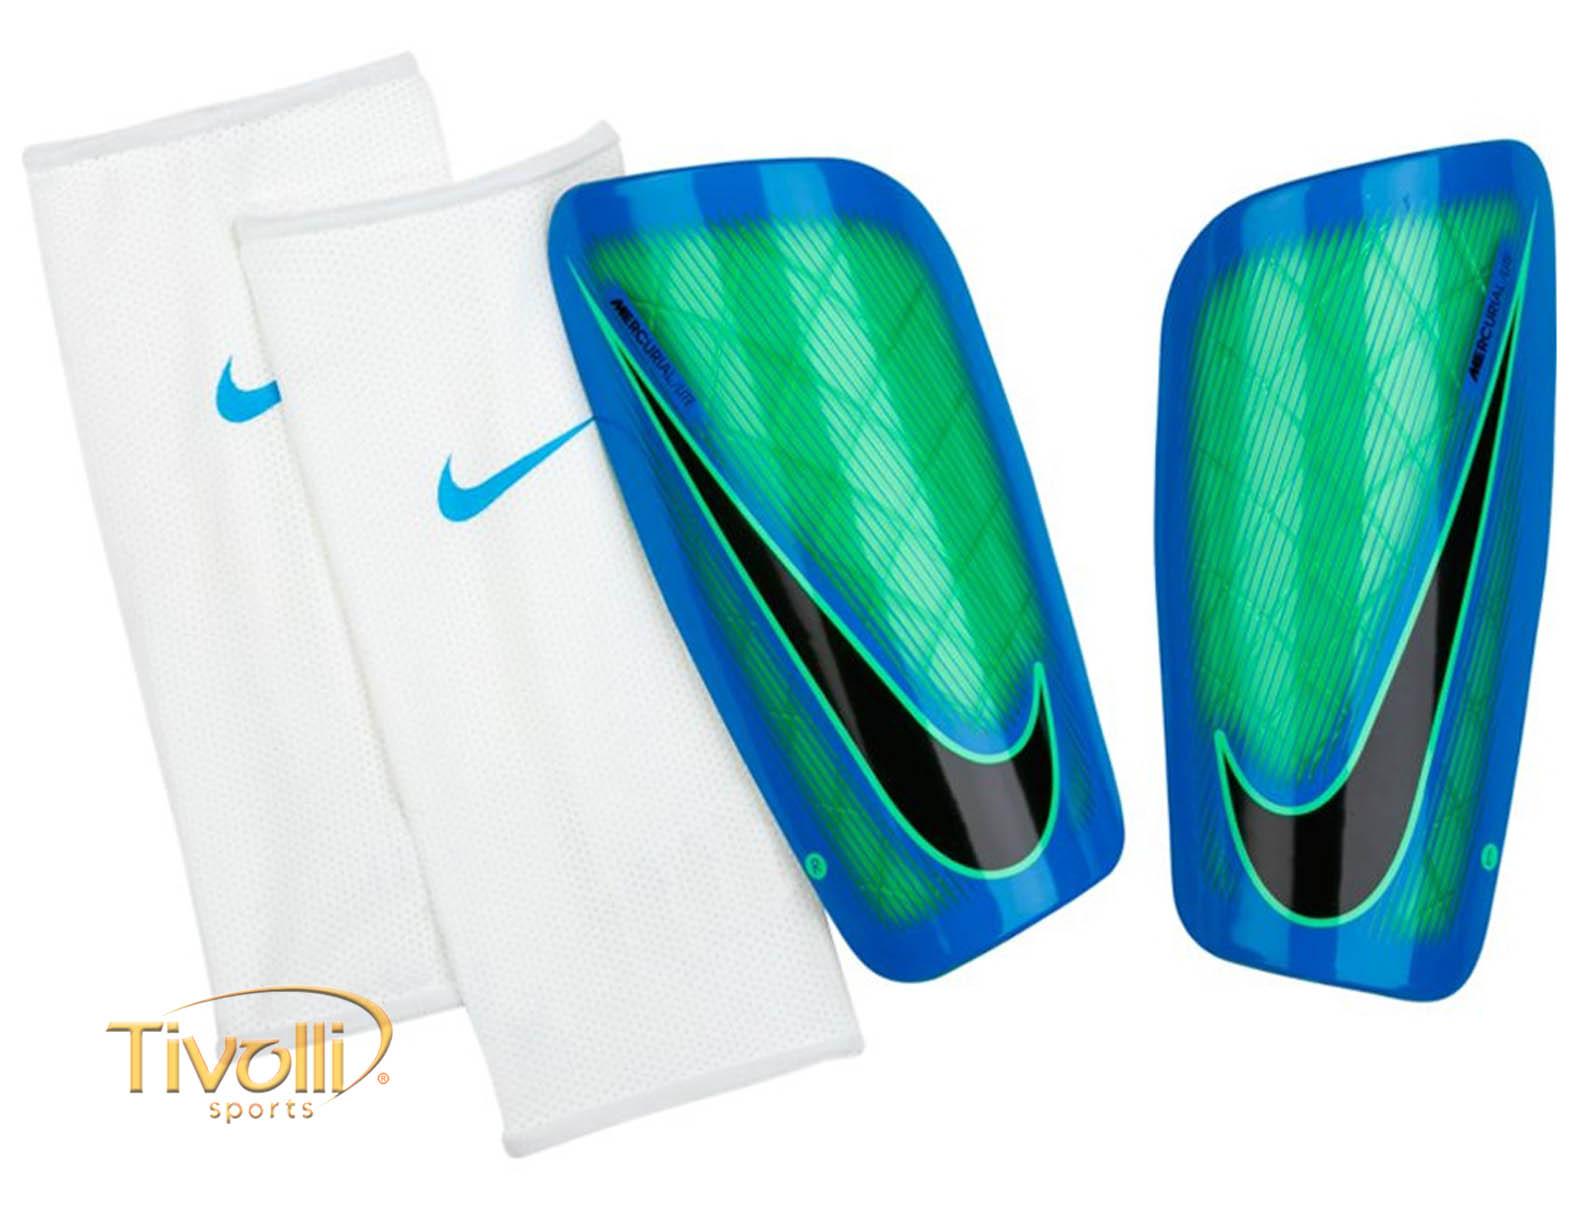 ... Caneleira Nike Mercurial Lite Azul f458d264150fa